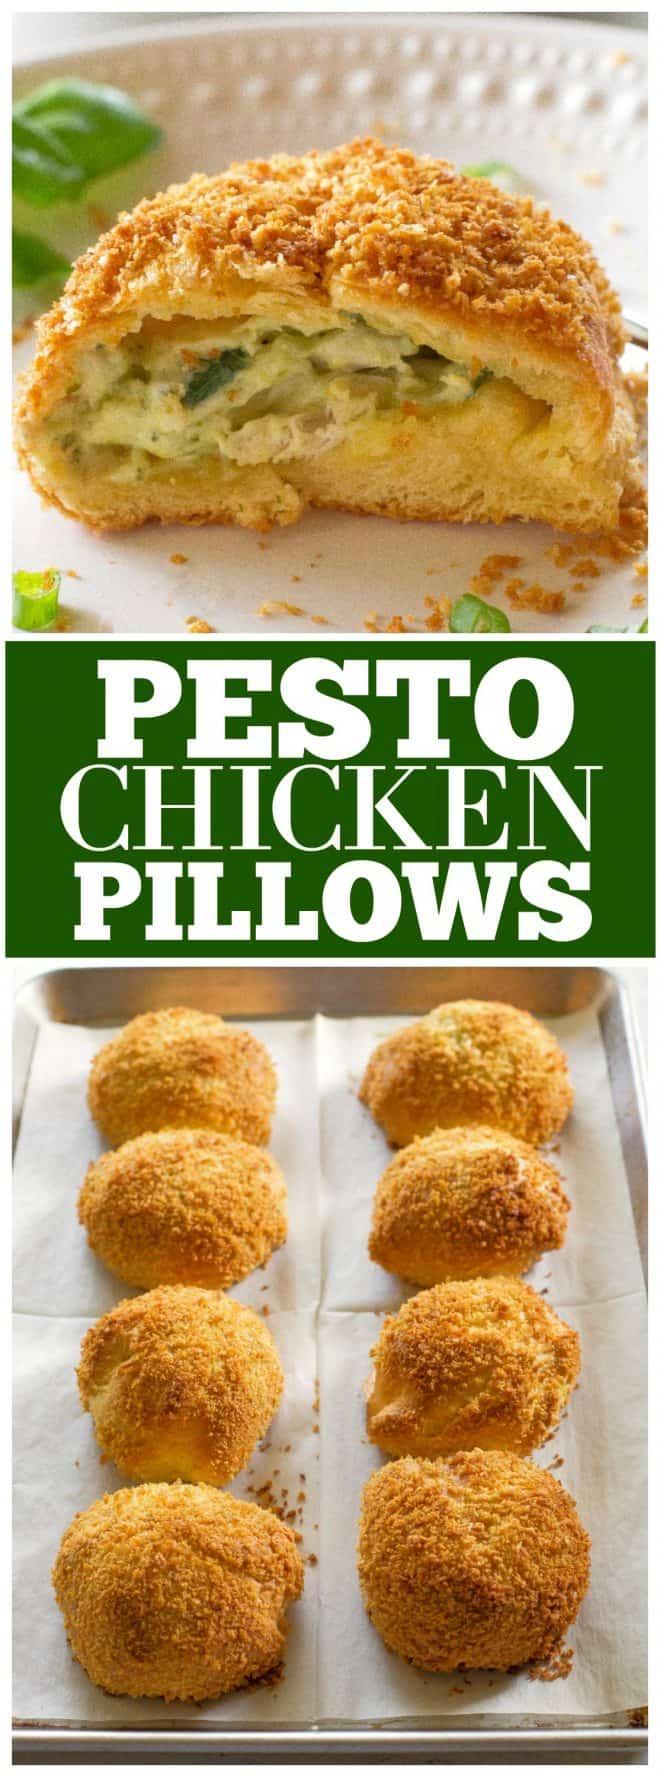 Pesto Chicken Pillows